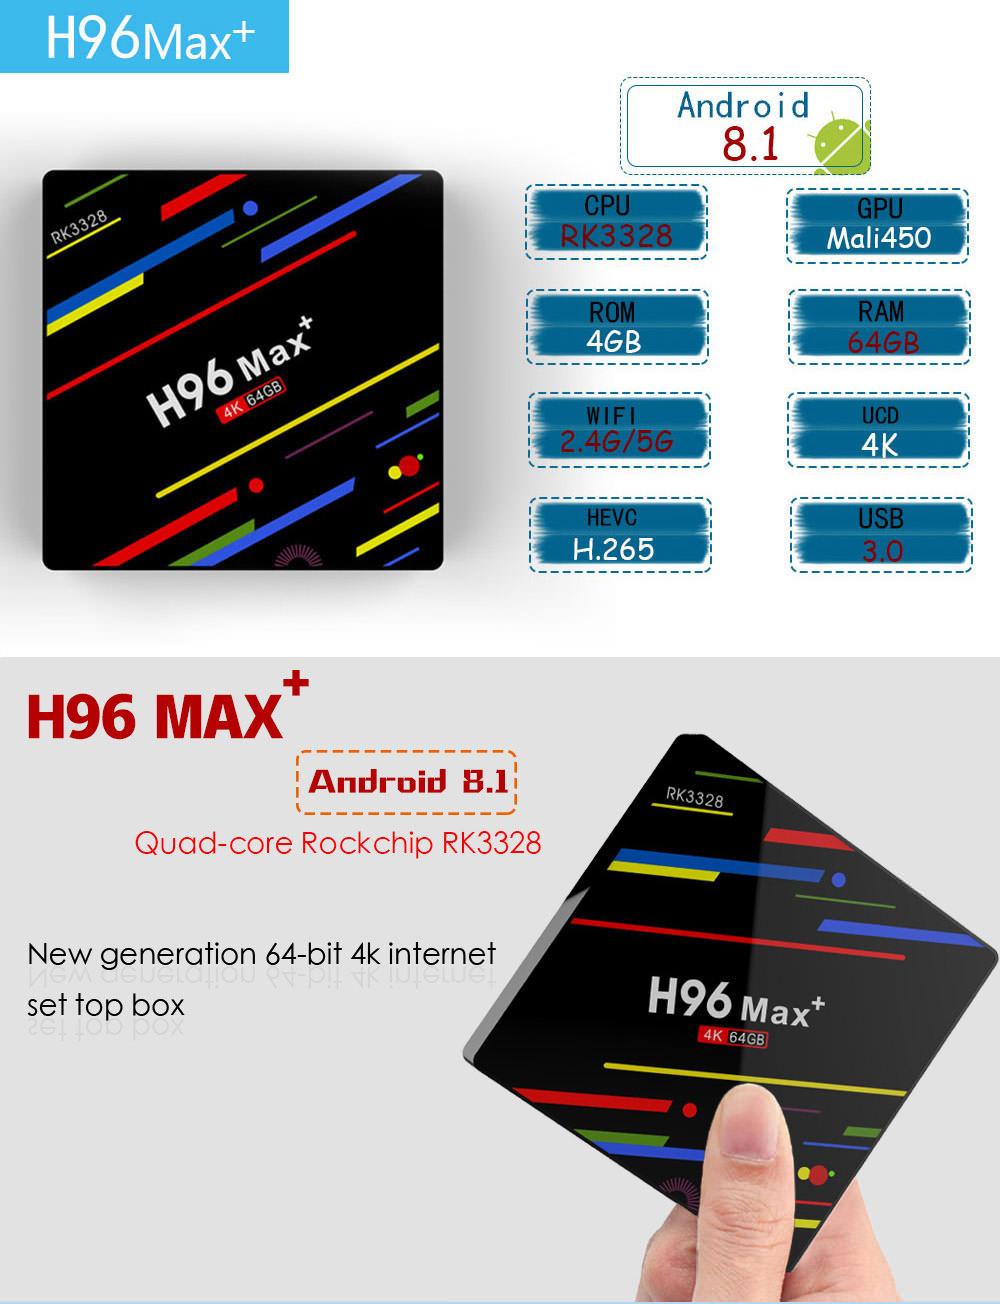 H96 Max+ TV Box.jpg